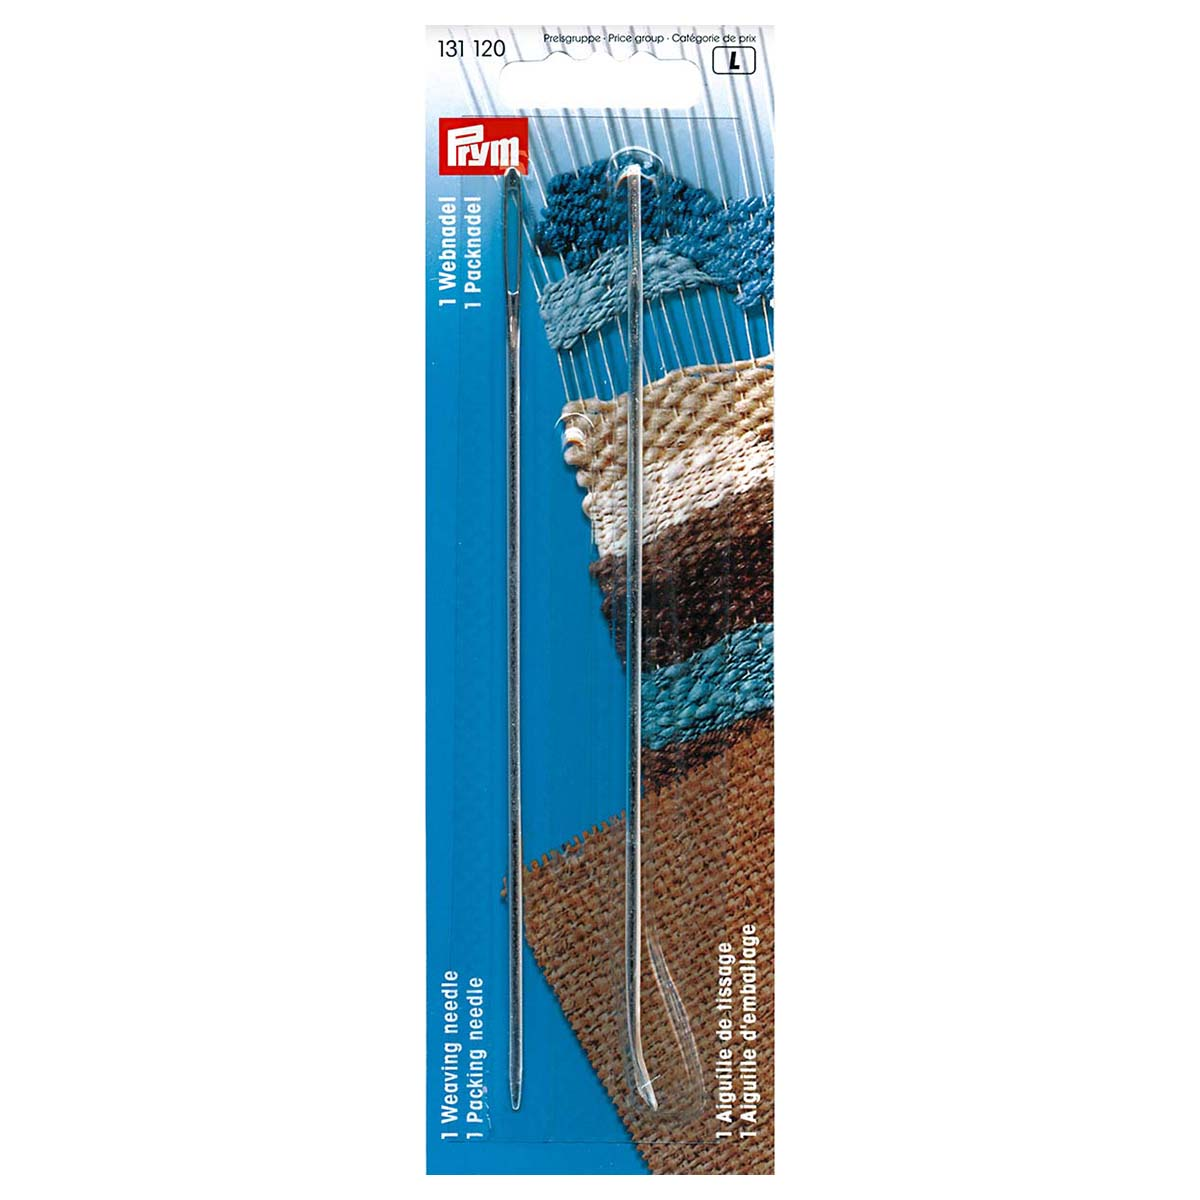 131120 Иглы набор ткацкая и упаковочная иглы ( 2шт.в уп.) Prym